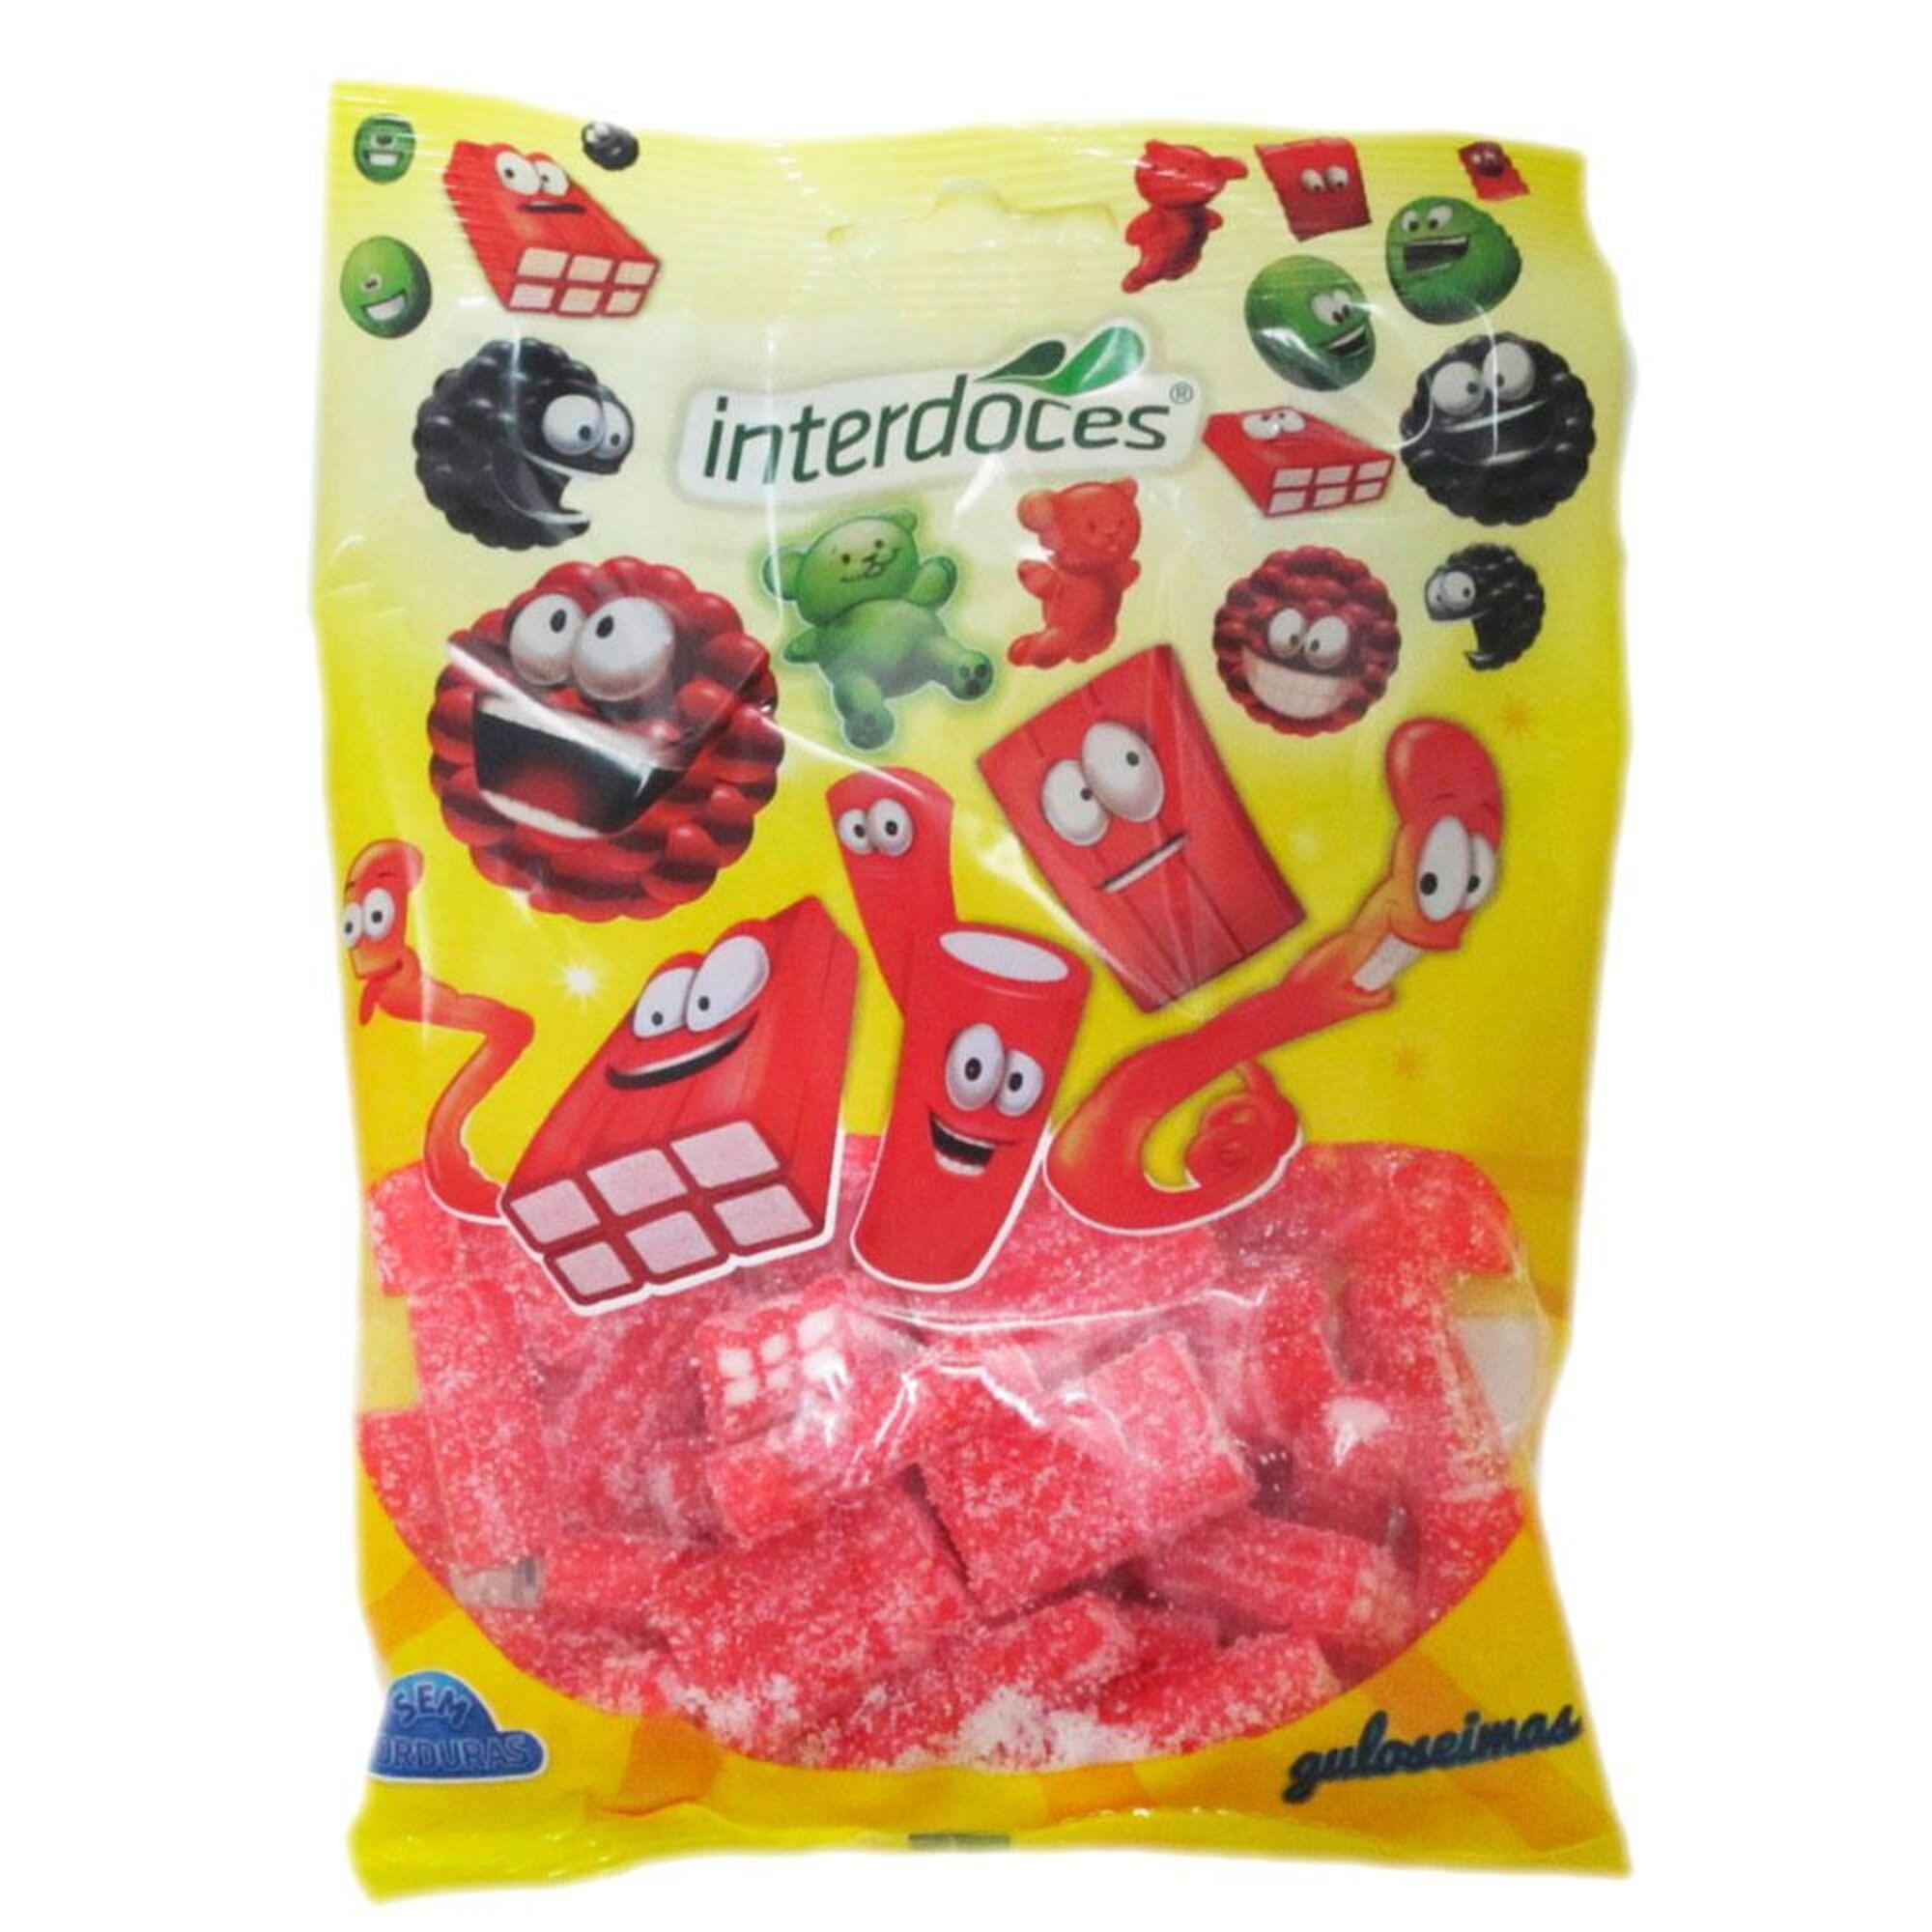 INTERDOCES - INTERDOCES Gomas Sortido Regaliz, 150 g